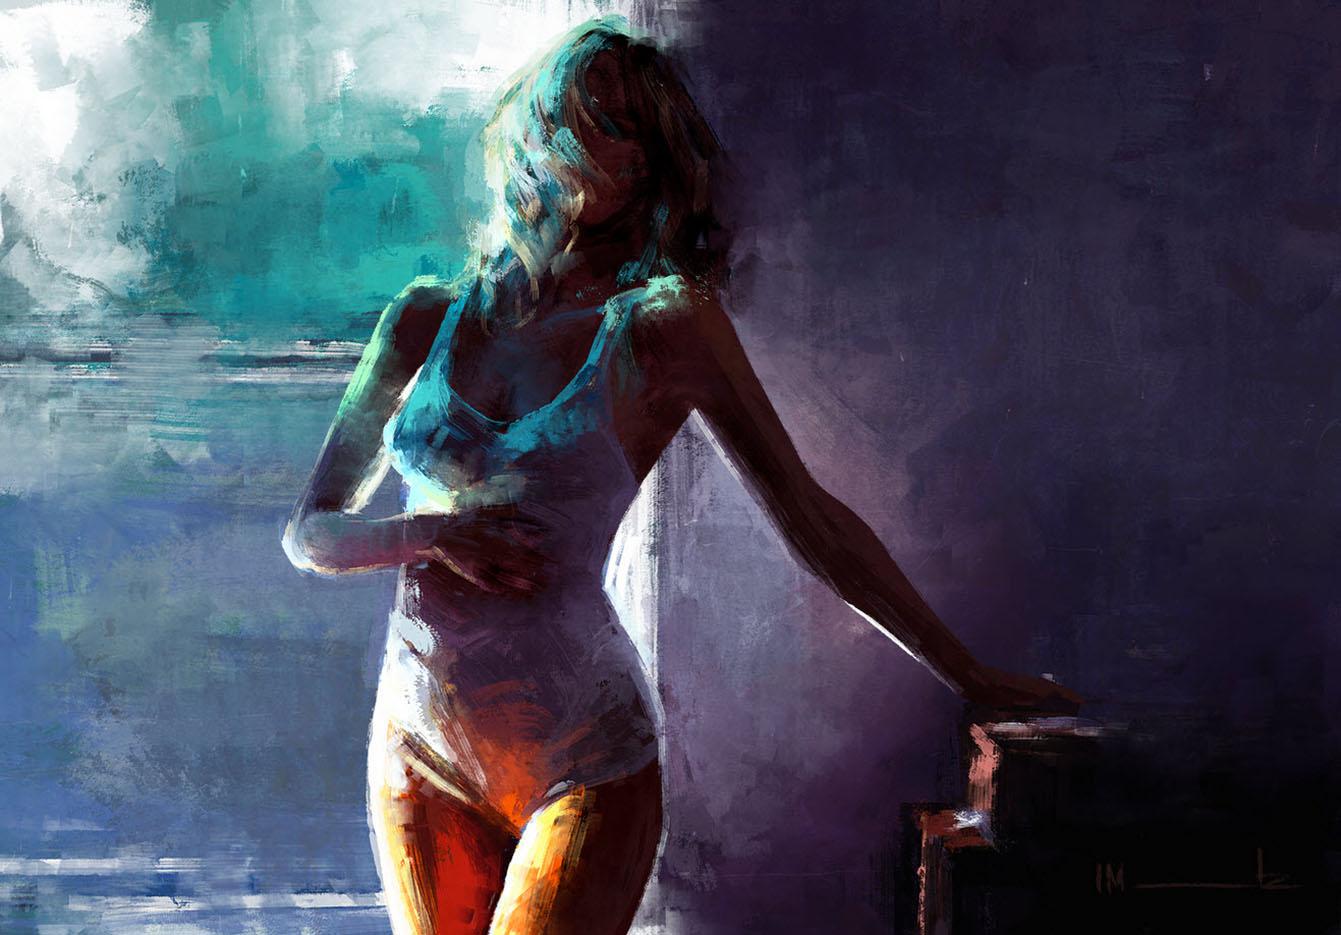 Изабелла Мораветц (Isabella Morawetz), Digital Art - 33